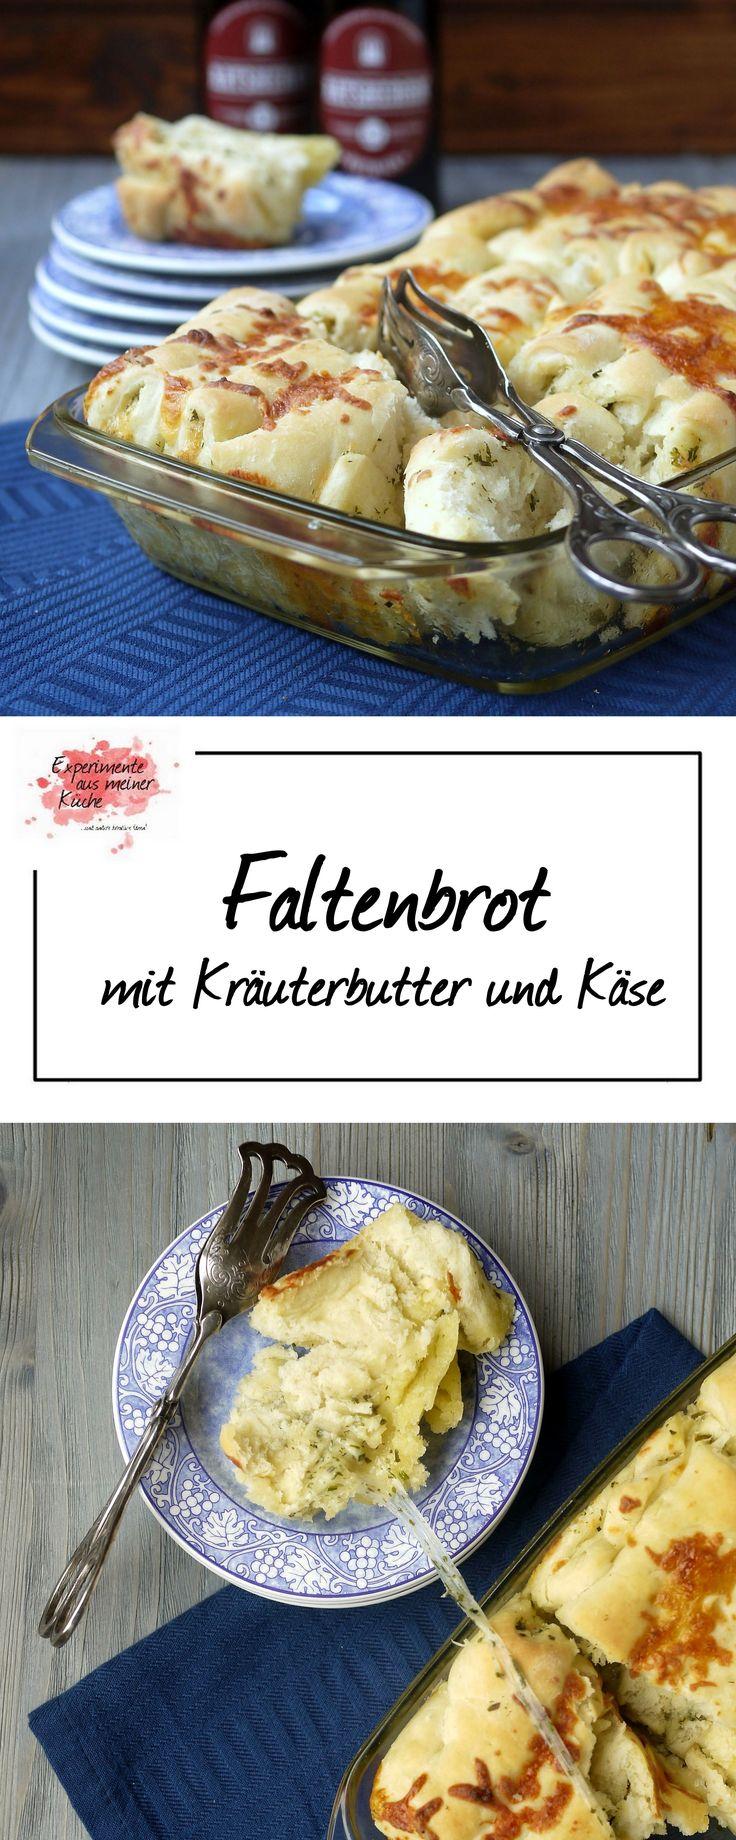 Faltenbrot mit Kräuterbutter und Käse | Brot | Rezept | Hefeteig | Grillbeilage